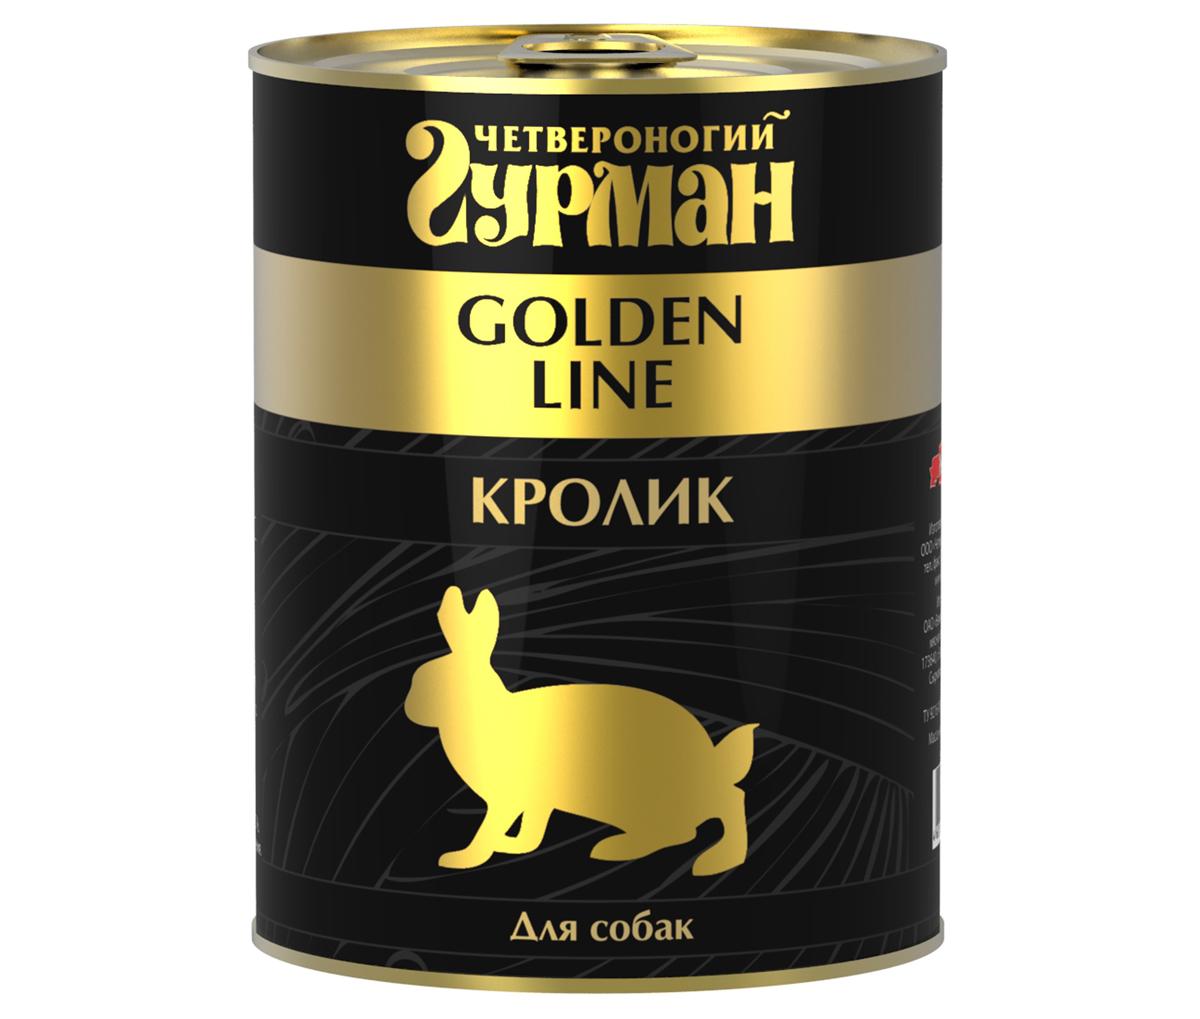 Консервы для собак Четвероногий Гурман, с кроликом, 340 г купить болгарские консервы в москве